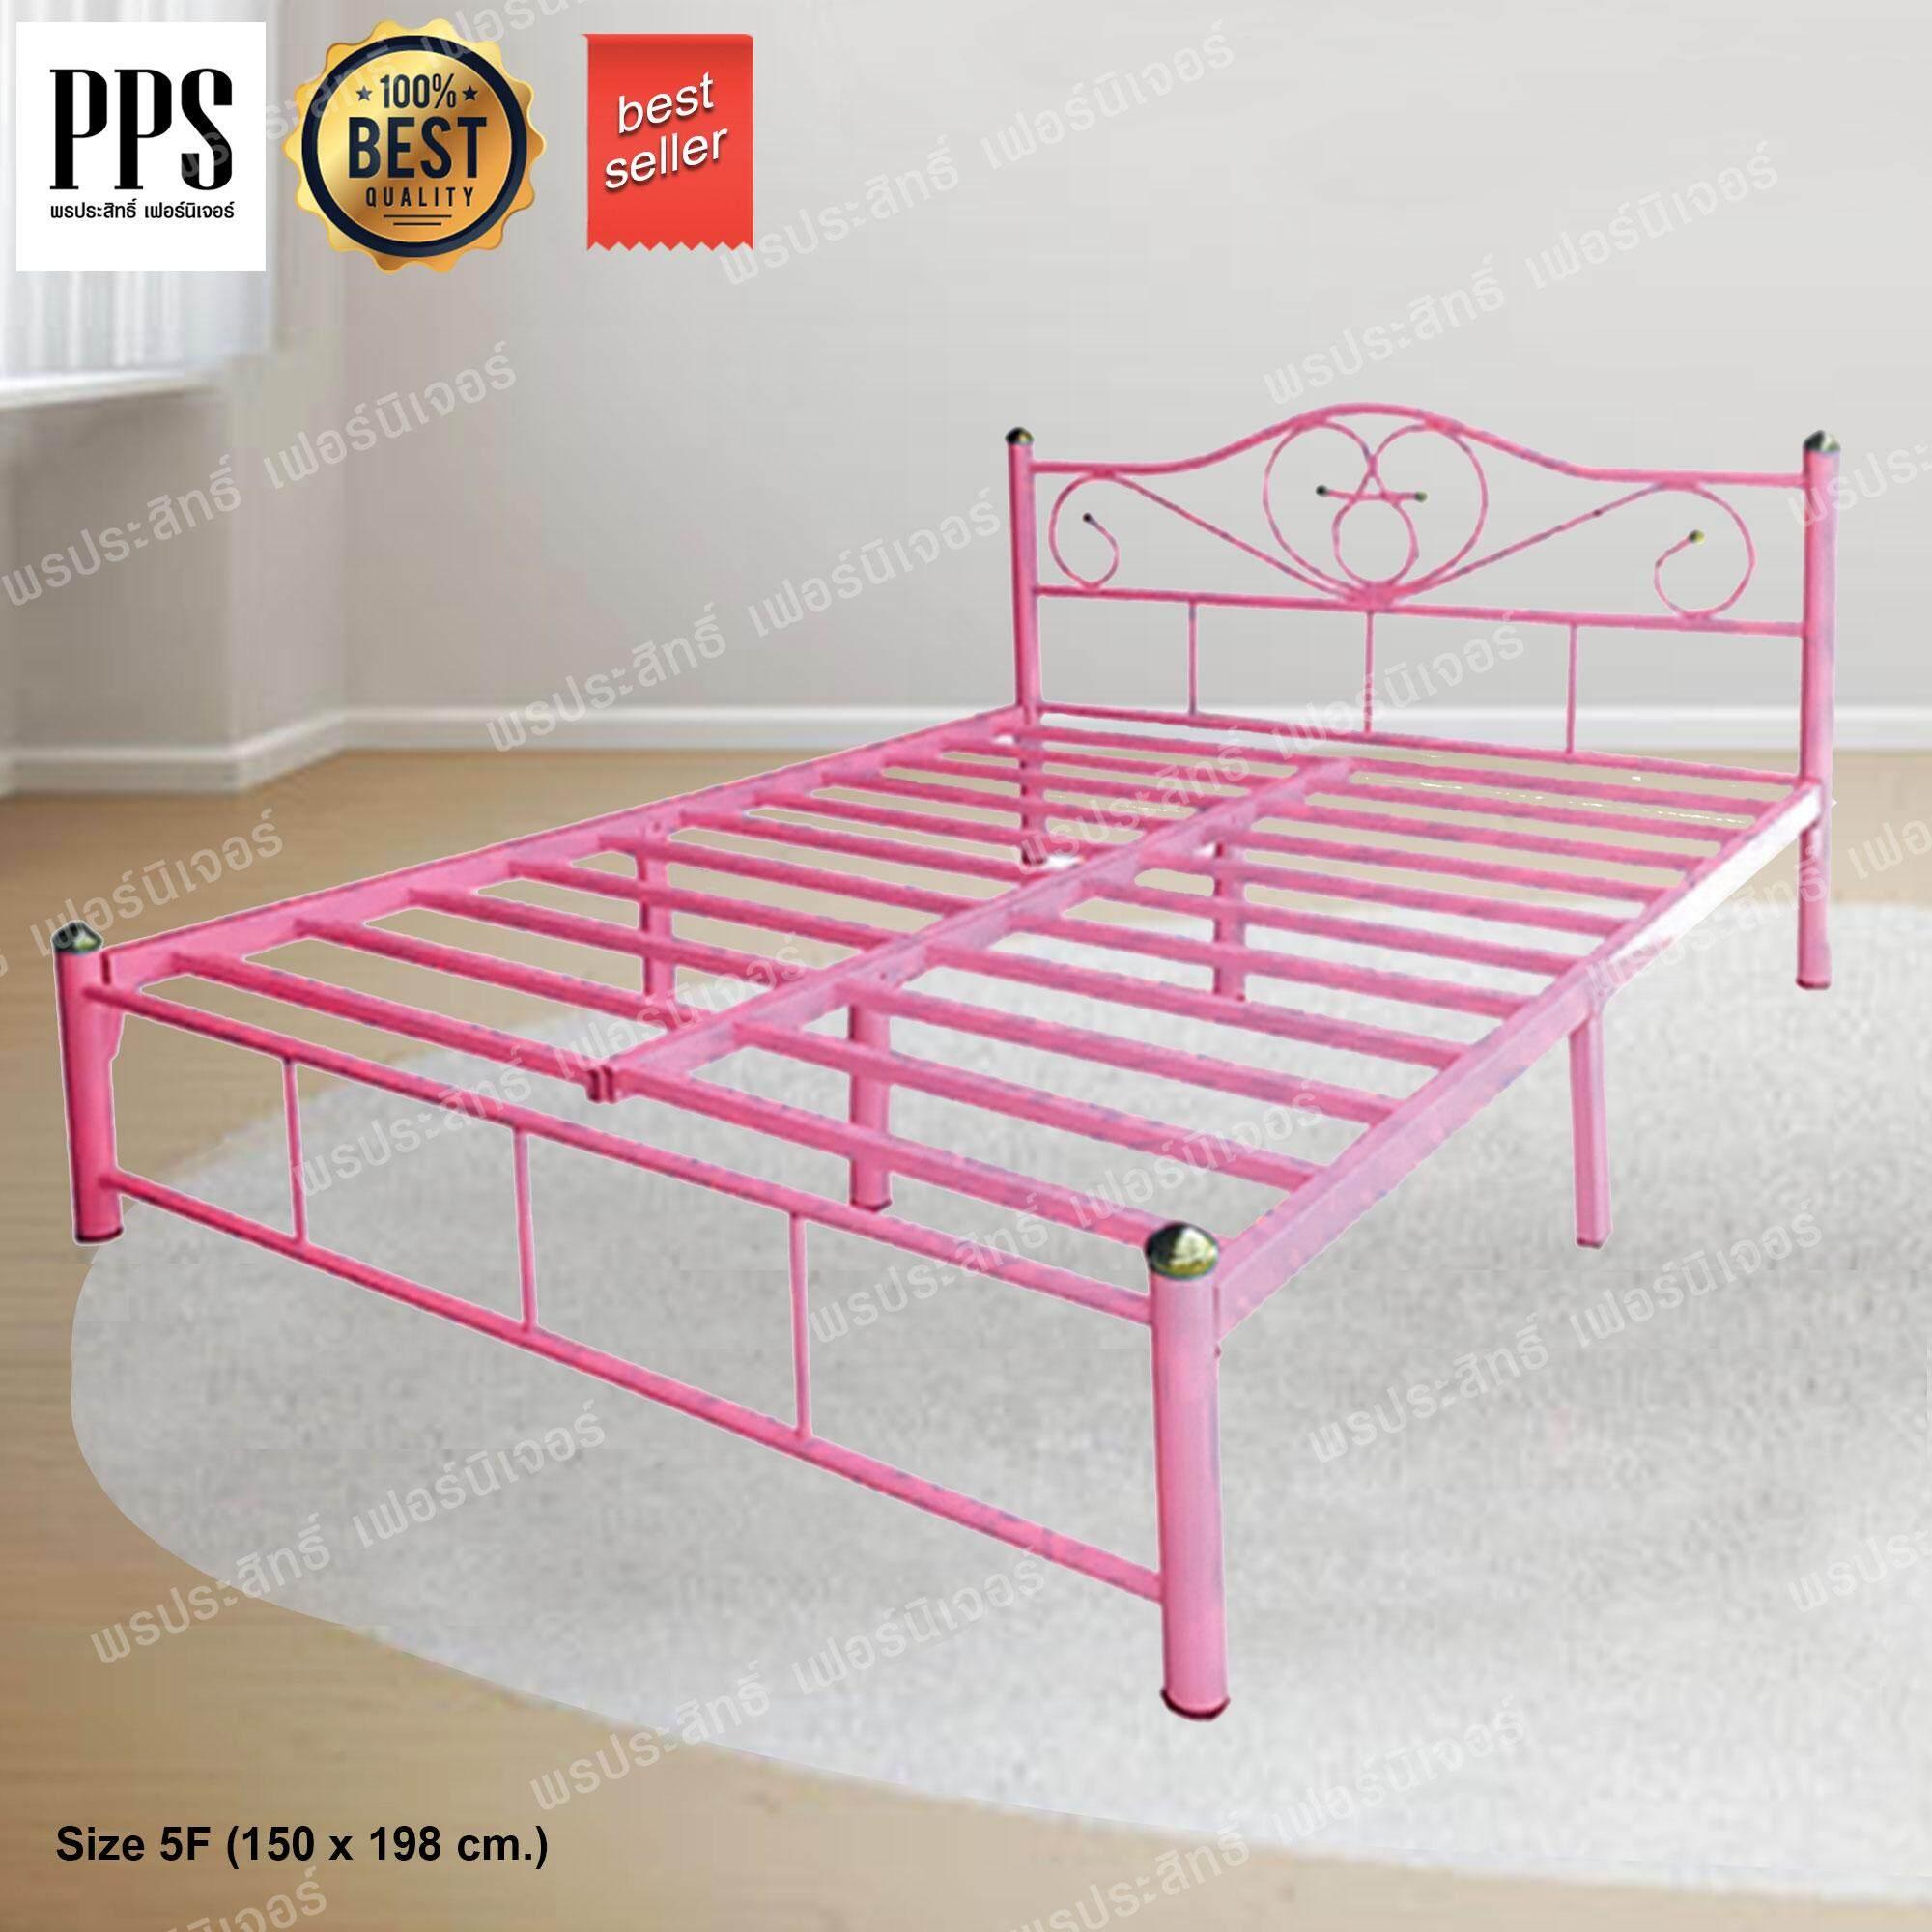 Asia เตียงเหล็ก5ฟุต รุ่นโลตัส ขา2นิ้ว (สีชมพู) By Pornprasit Furniture.